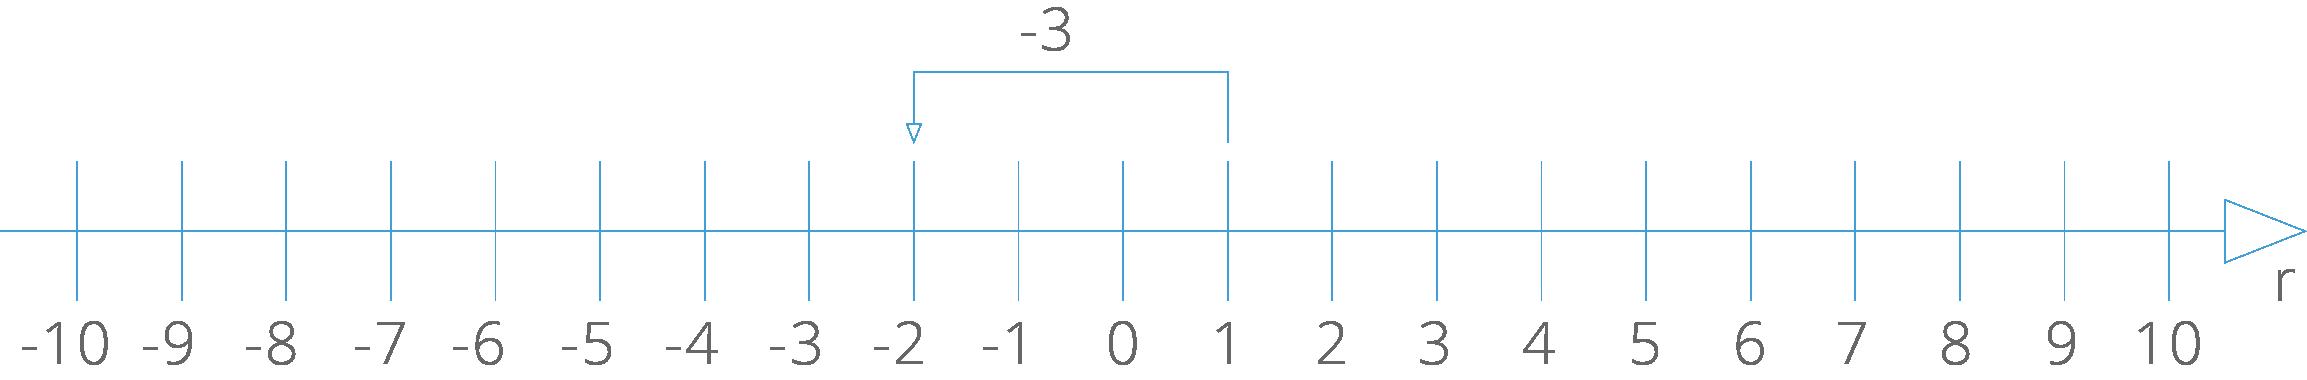 reta-numerada-04